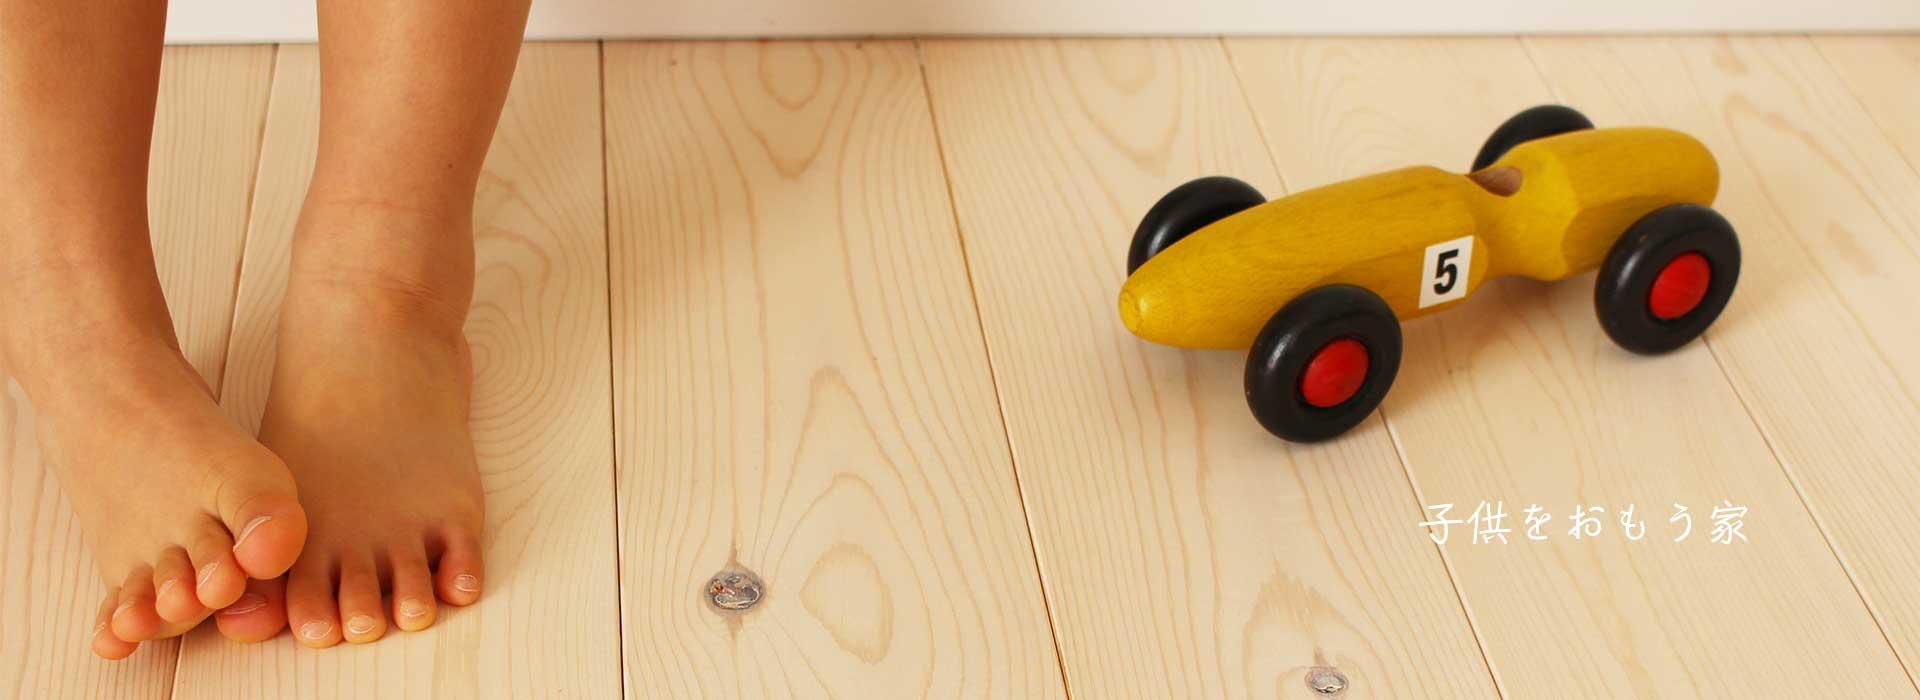 子供をおもう家|八戸市の工務店新築注文住宅のグリーンホームズ